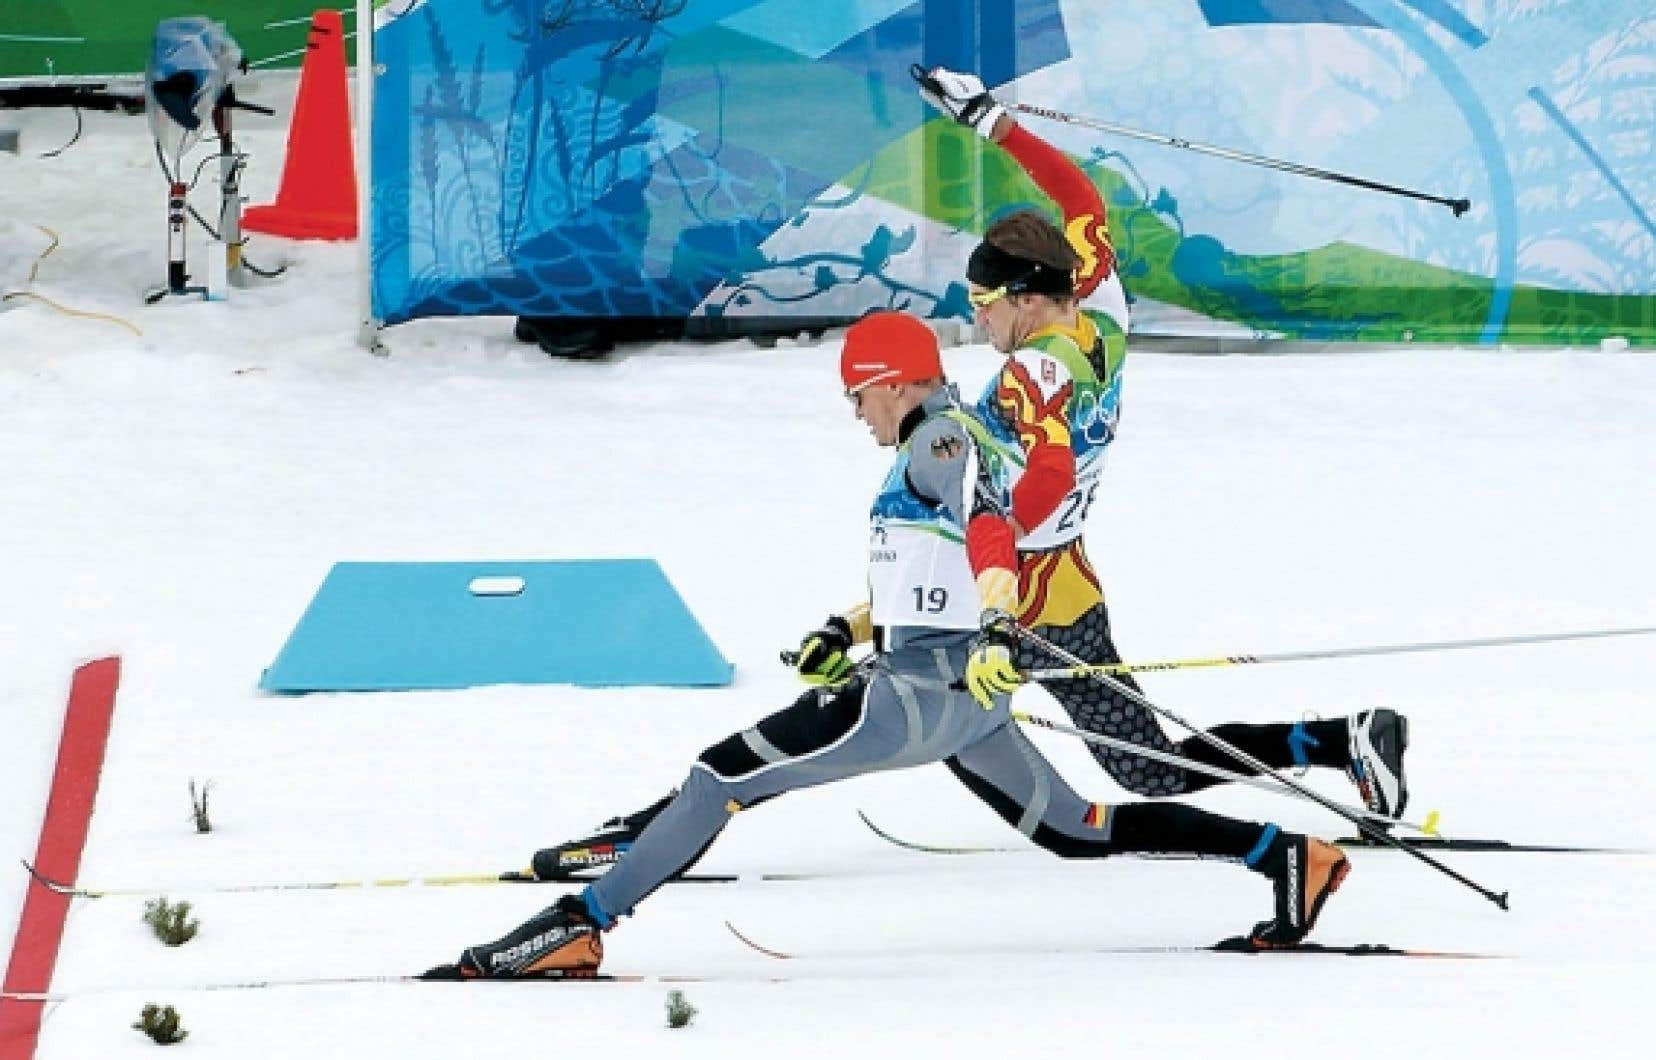 L'Allemand Tobias Angerer (à l'avant plan) a allongé la jambe à la toute fin pour ravir le quatrième rang au Canadien Devon Kershaw.